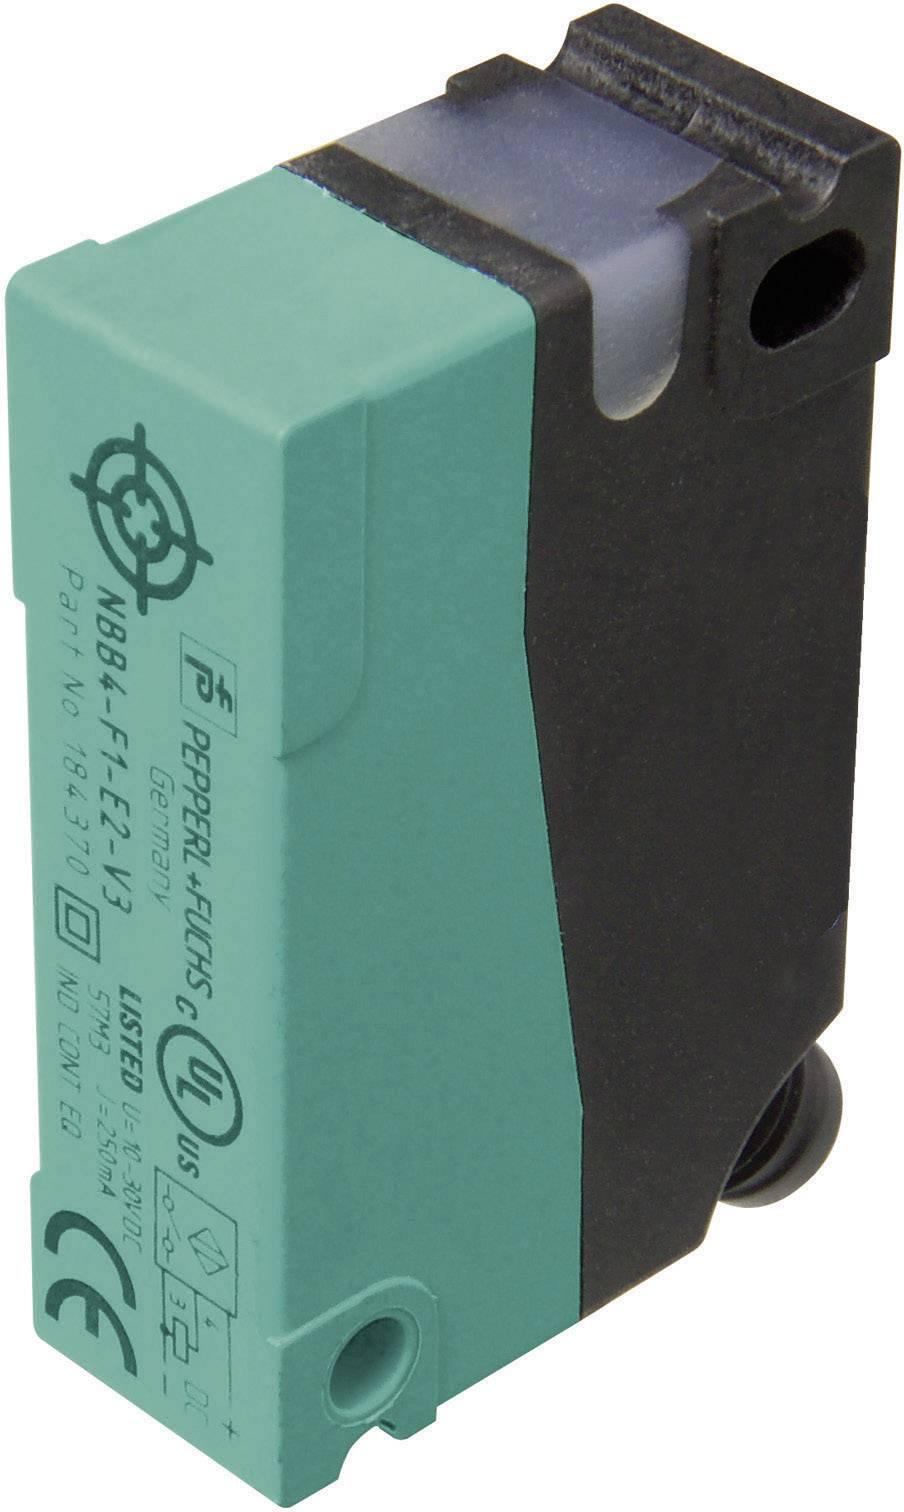 Indukční senzor přiblížení Pepperl & Fuchs NBN8-F1-E2-V3, 8 mm, IP67